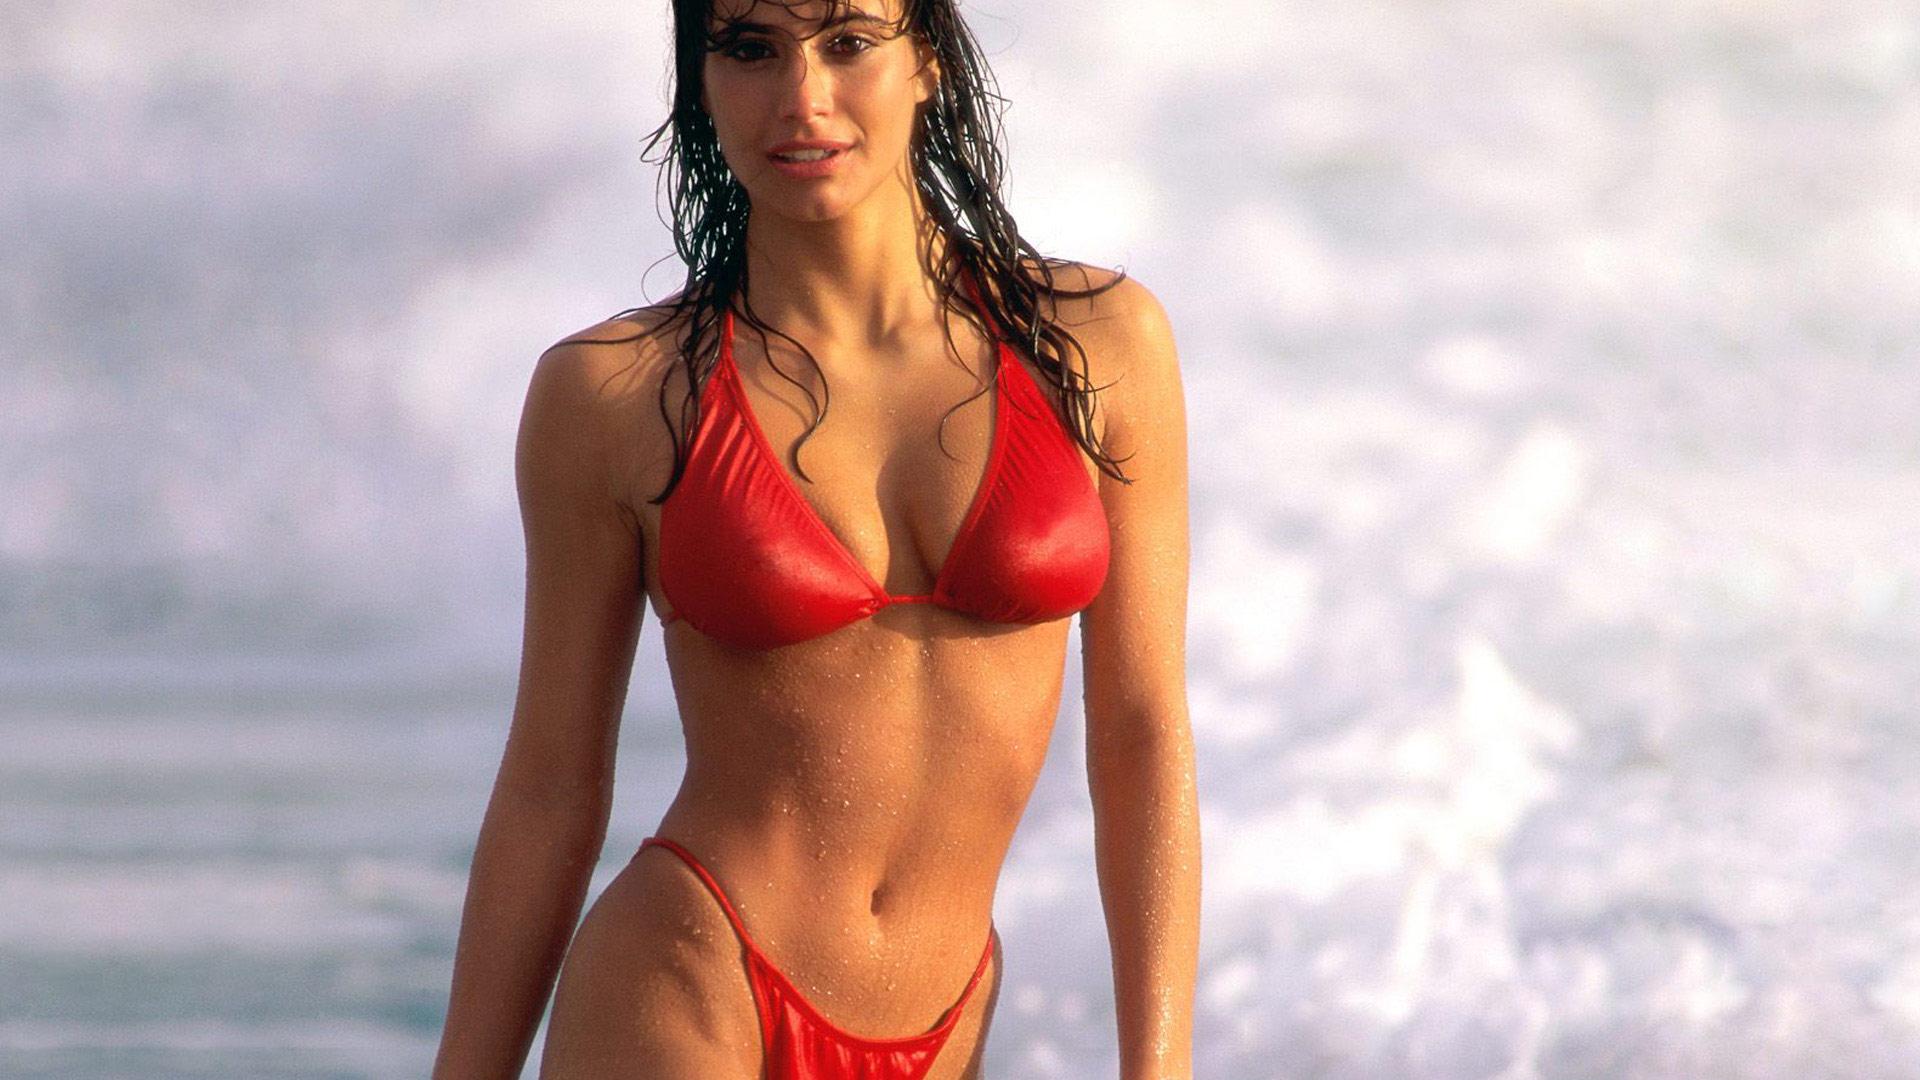 Фото девушки в купальниках 90 х 18 фотография